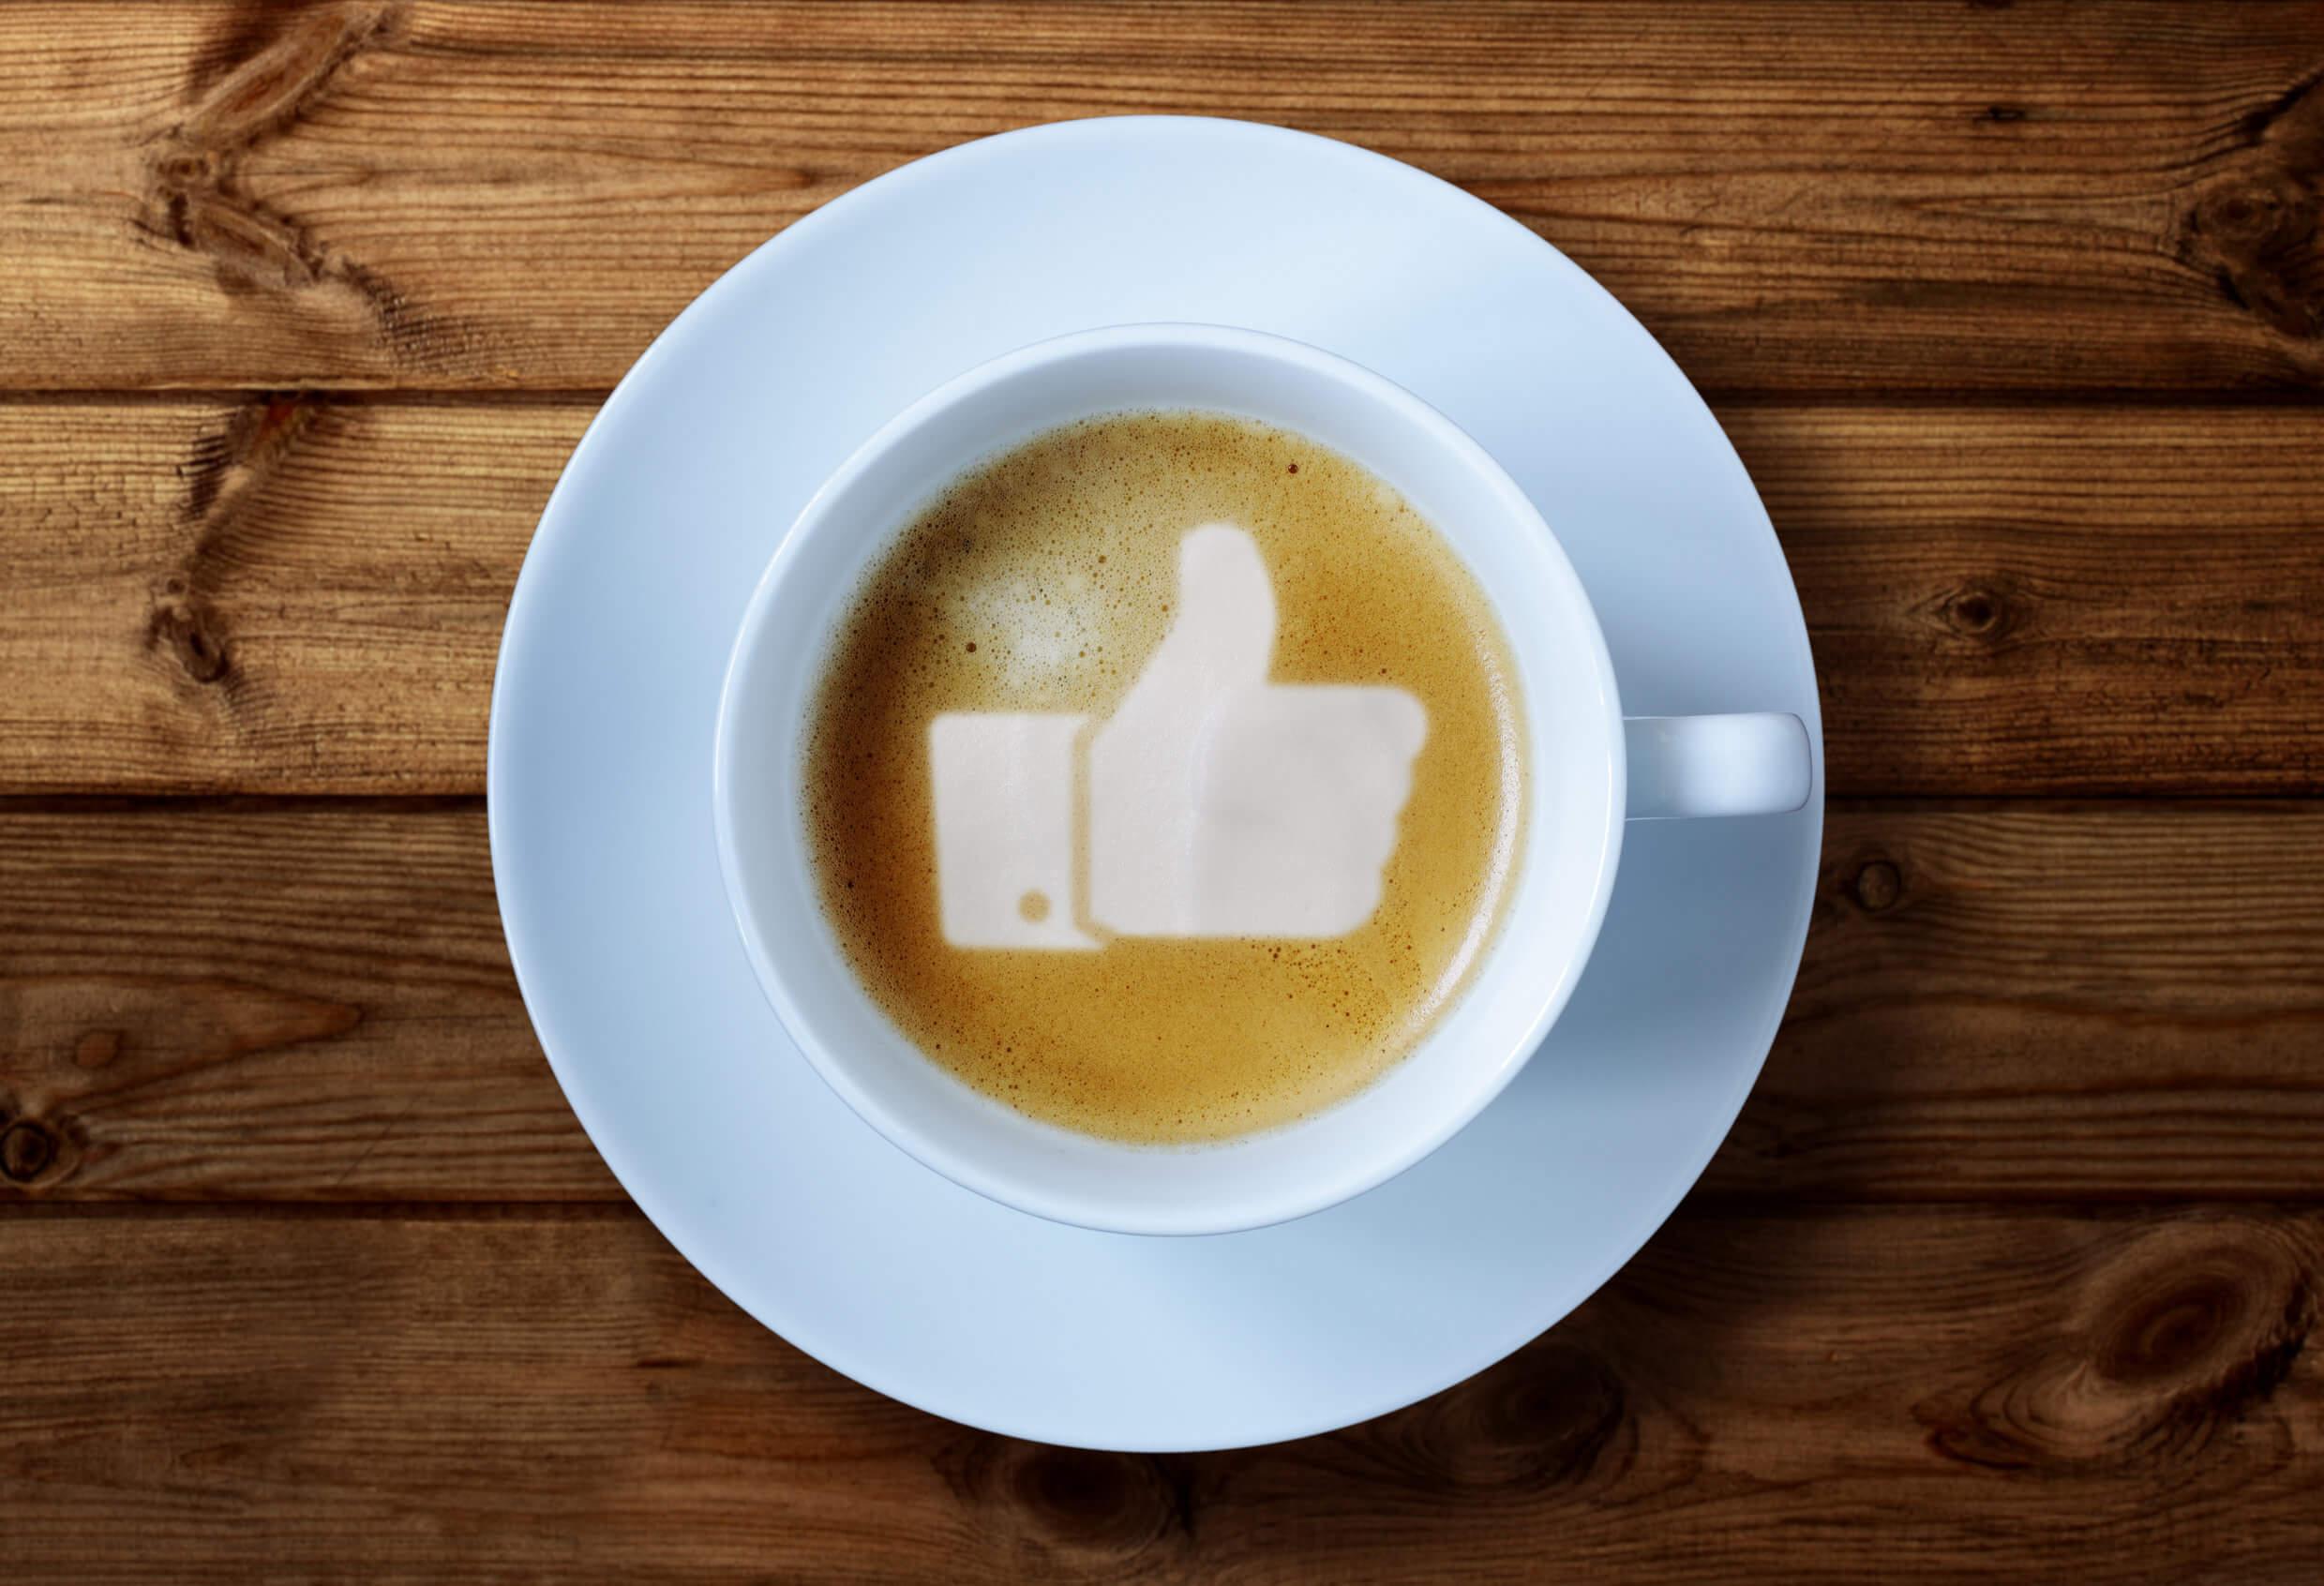 kaffeeblog-kategorie11yZuH5wslEWU